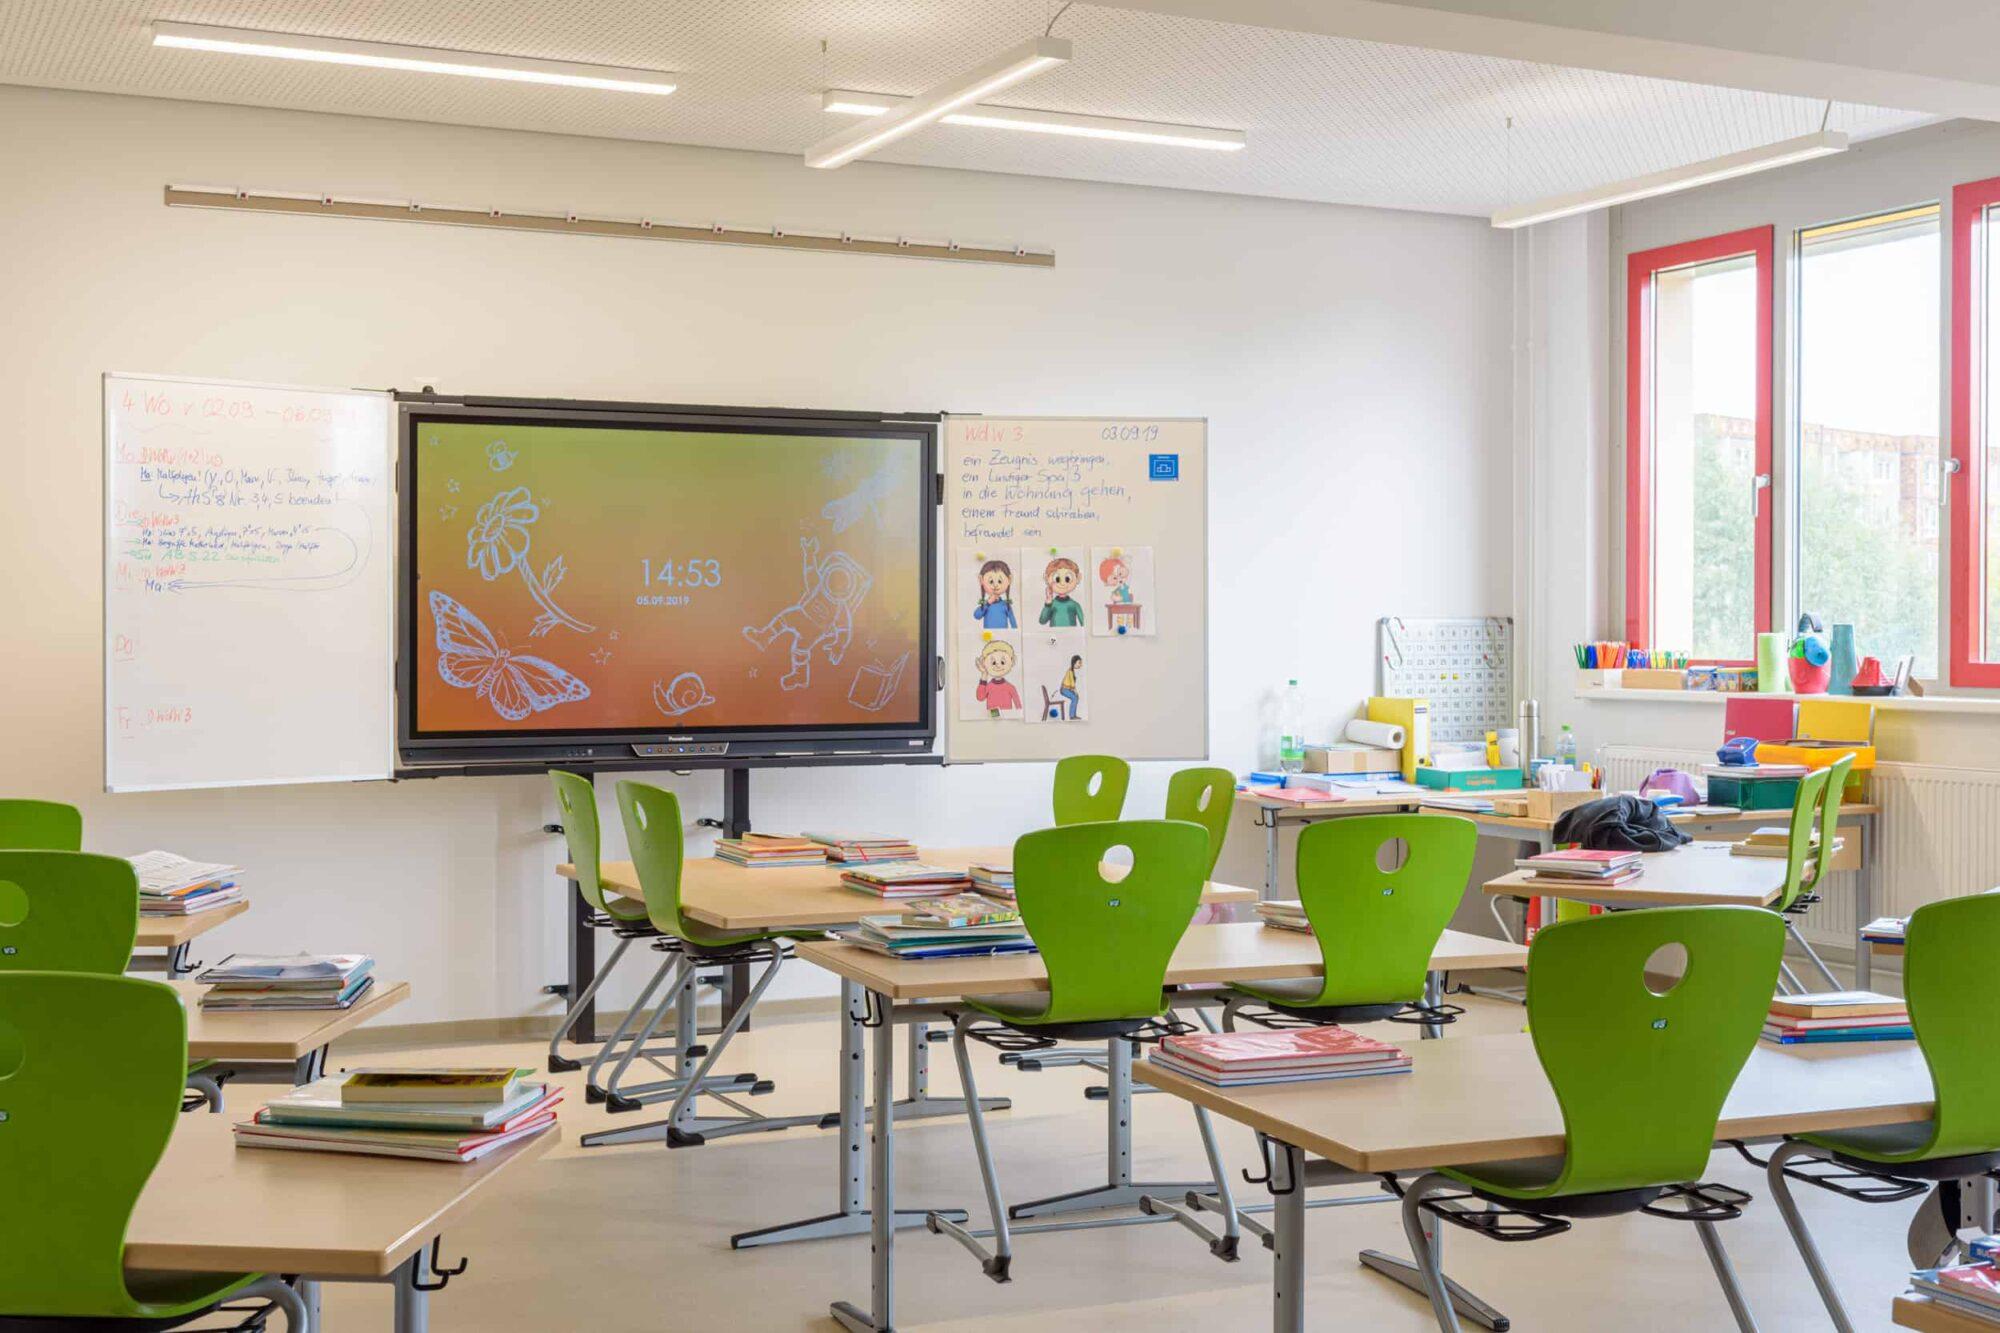 Ferdinand von Schill Grundschule Stralsund - Modernste Technik im Klassenzimmer